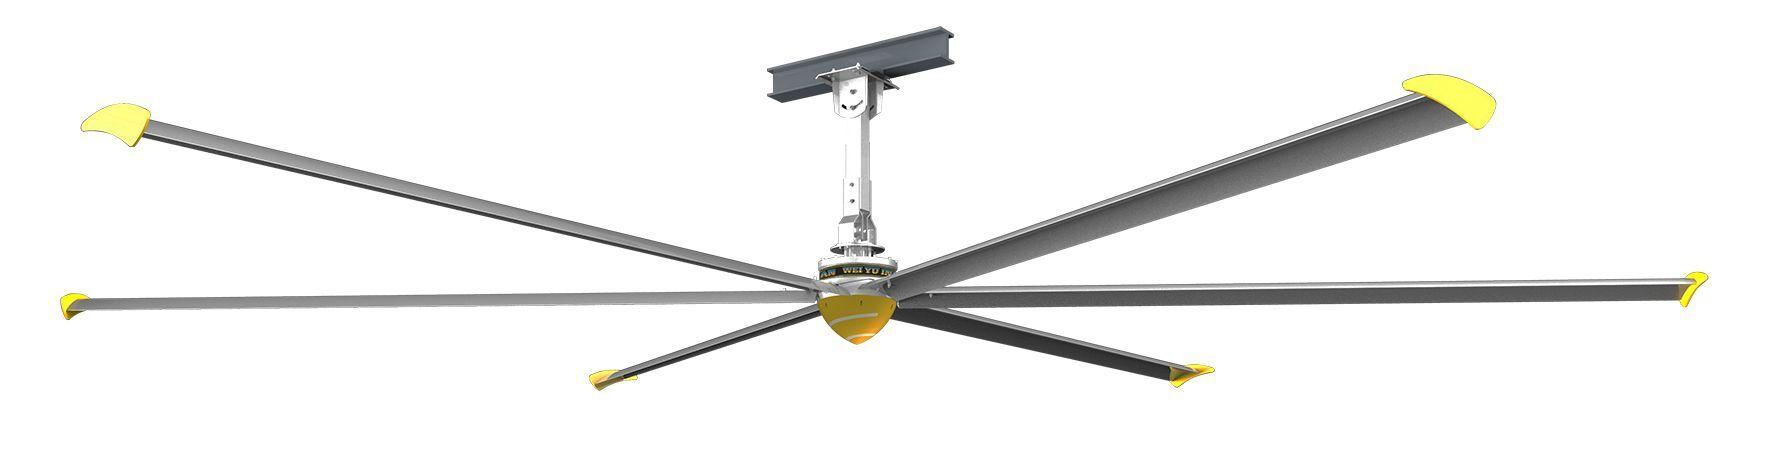 Mw-tools Ventilateur de plafond industriel diamètre 7320 mm MW-Tools PV7300I